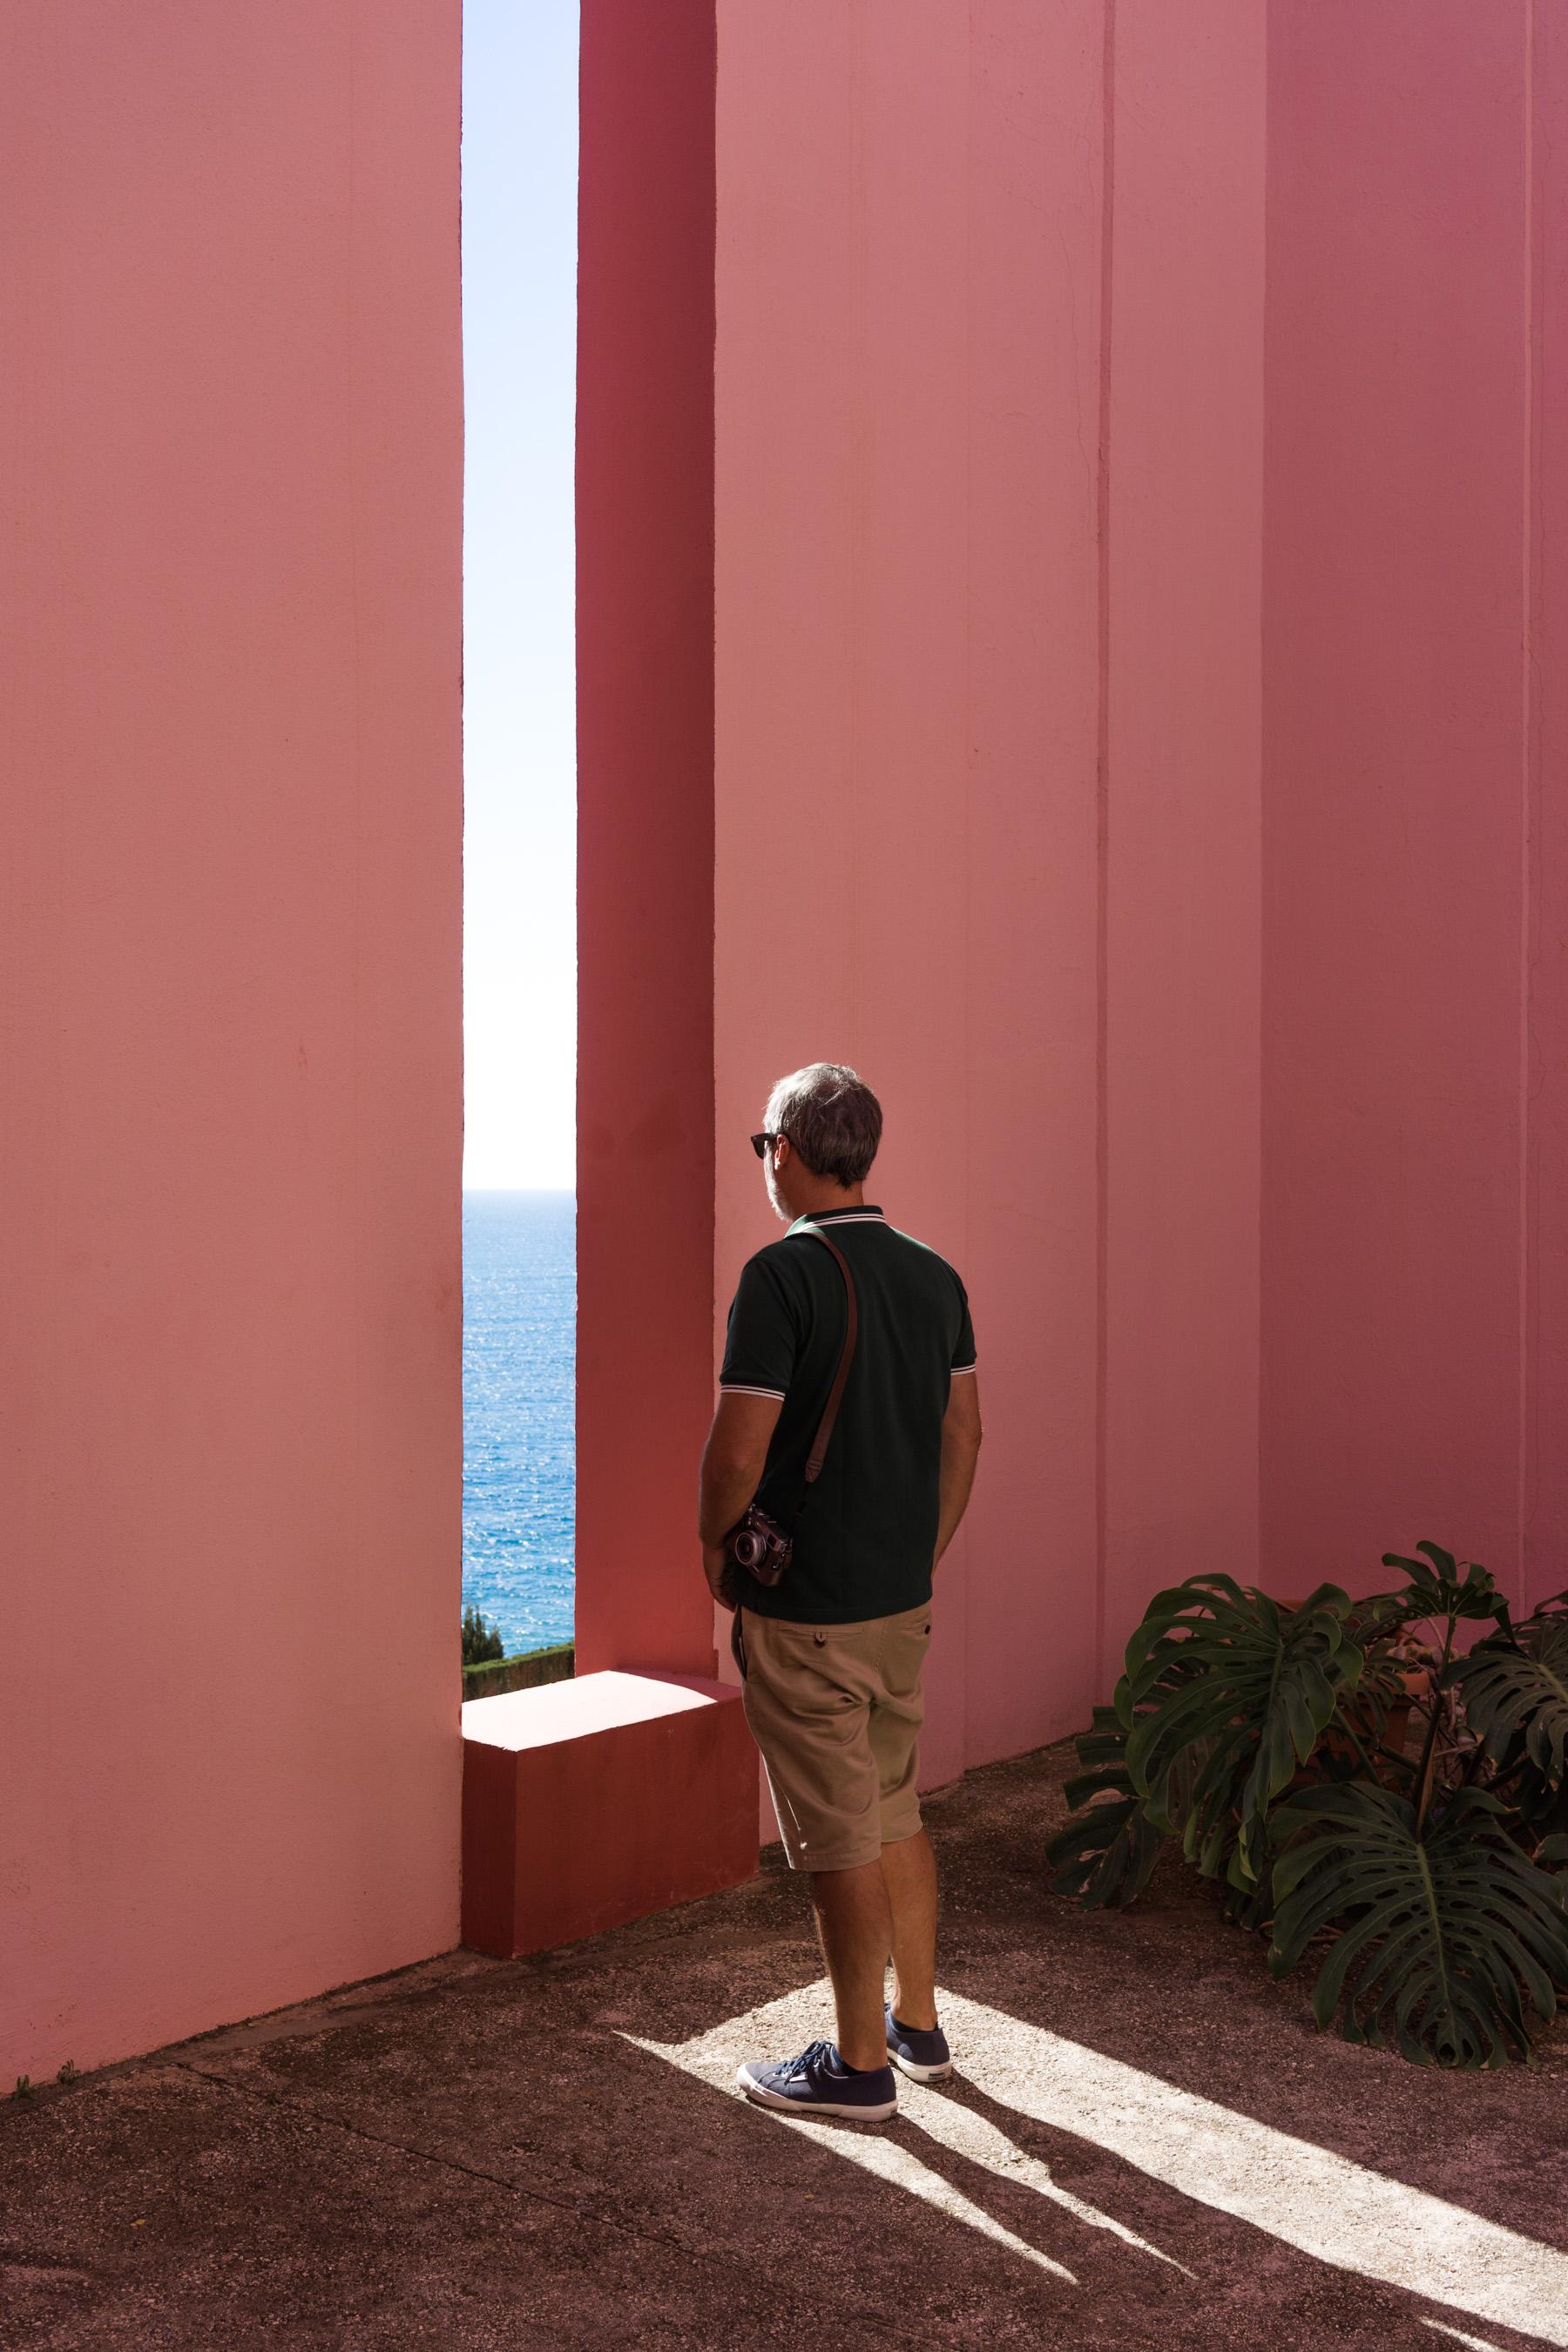 muralla roja Bofill